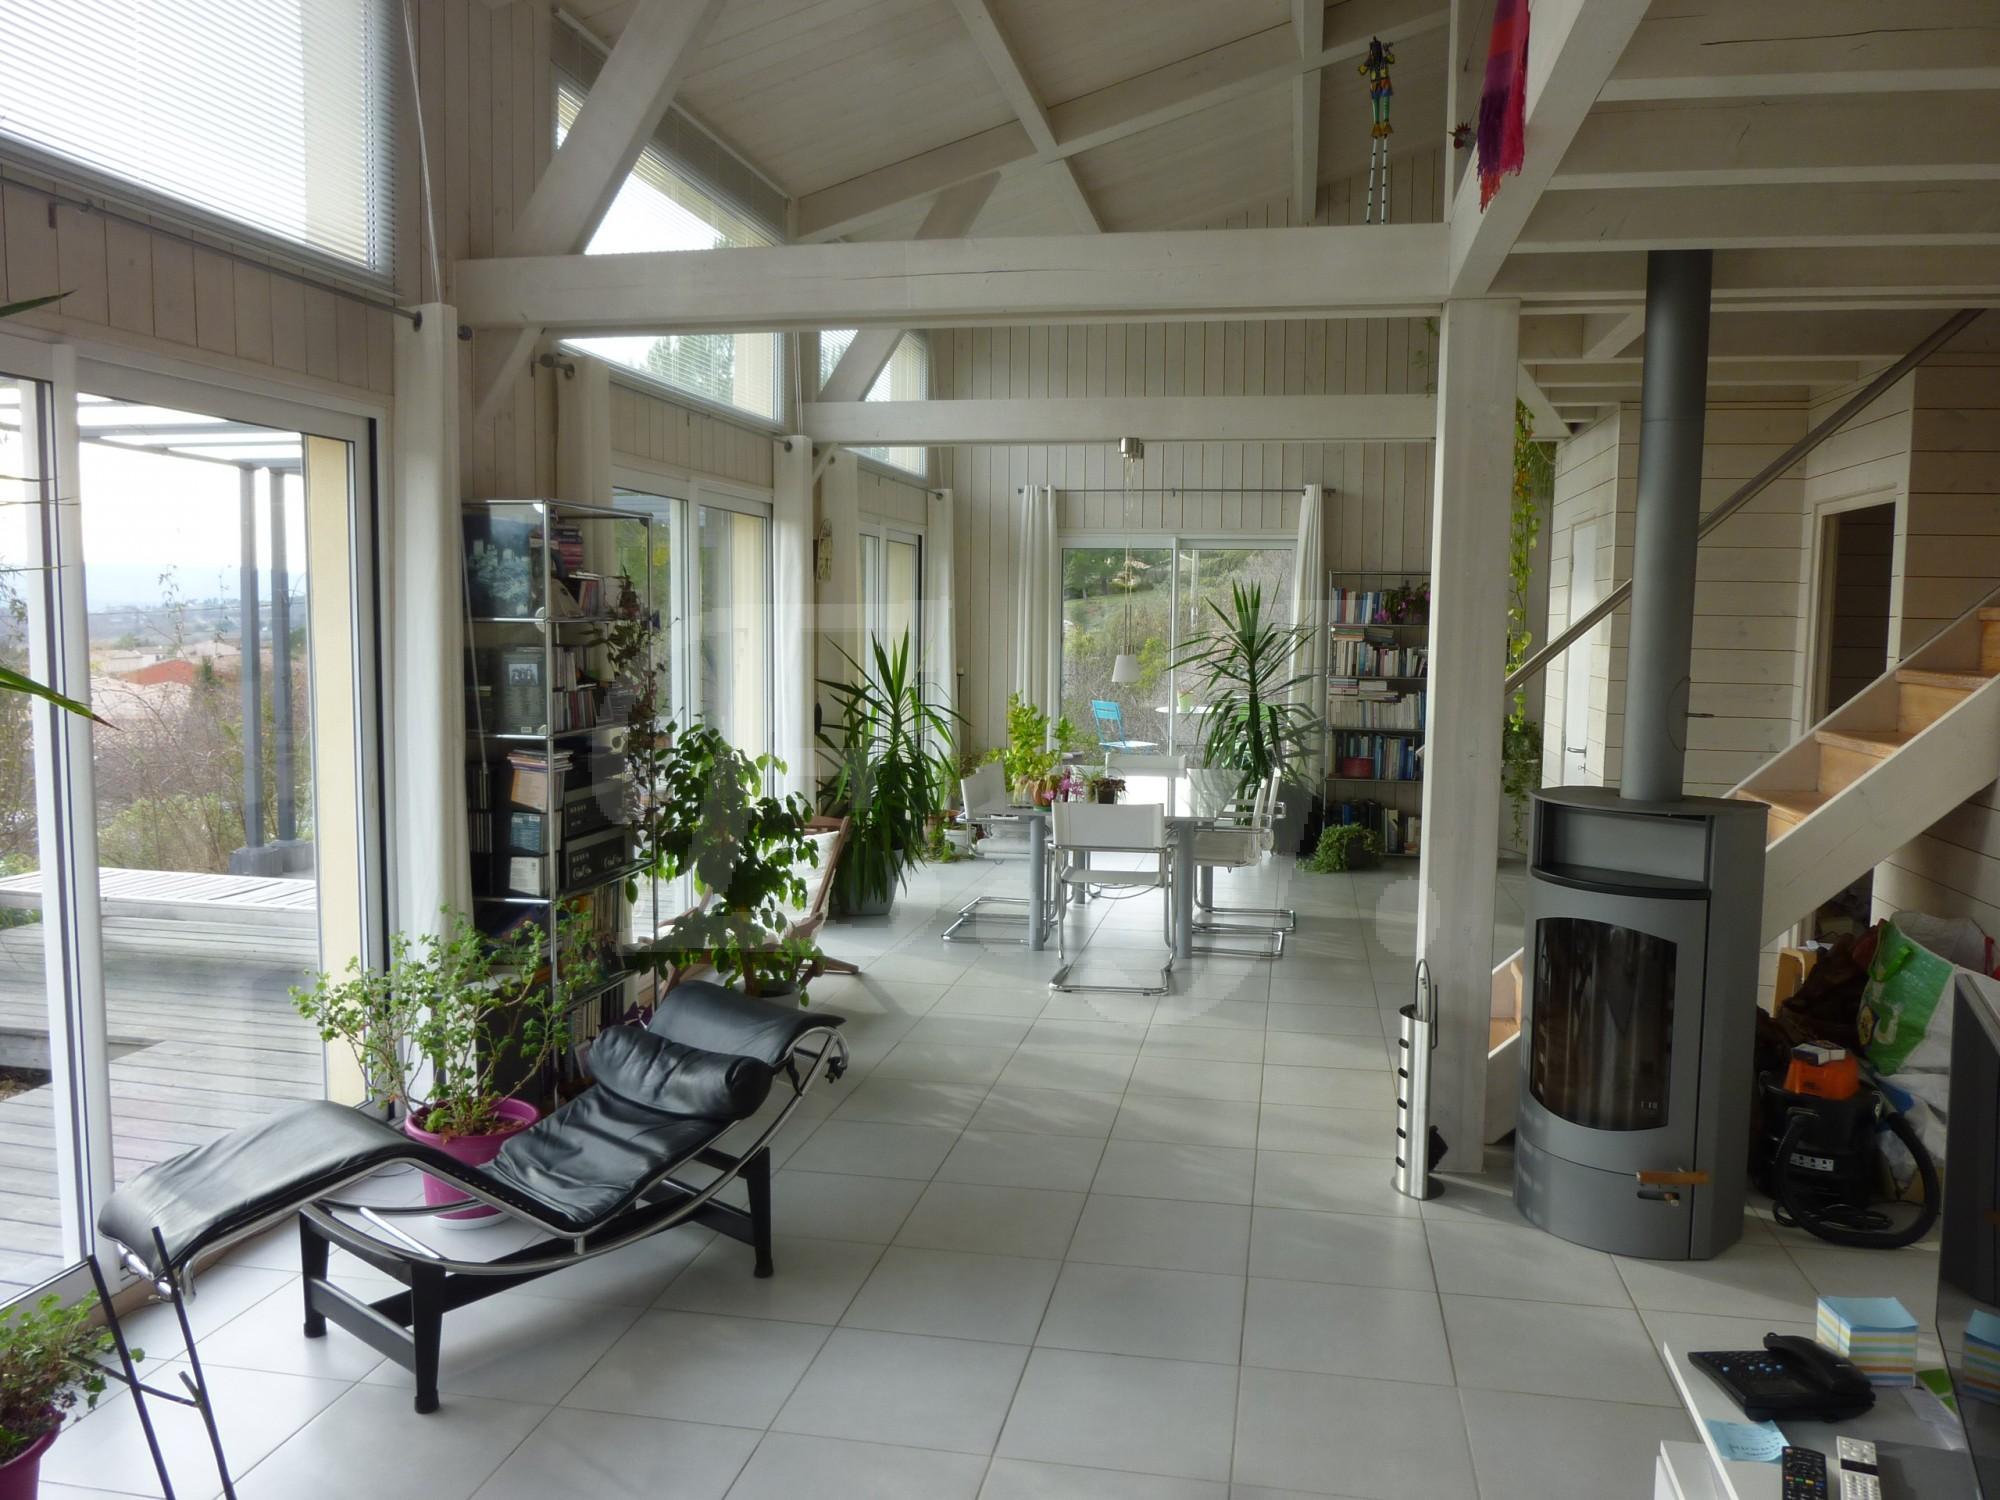 A vendre villa ecologique construction bois excellent état